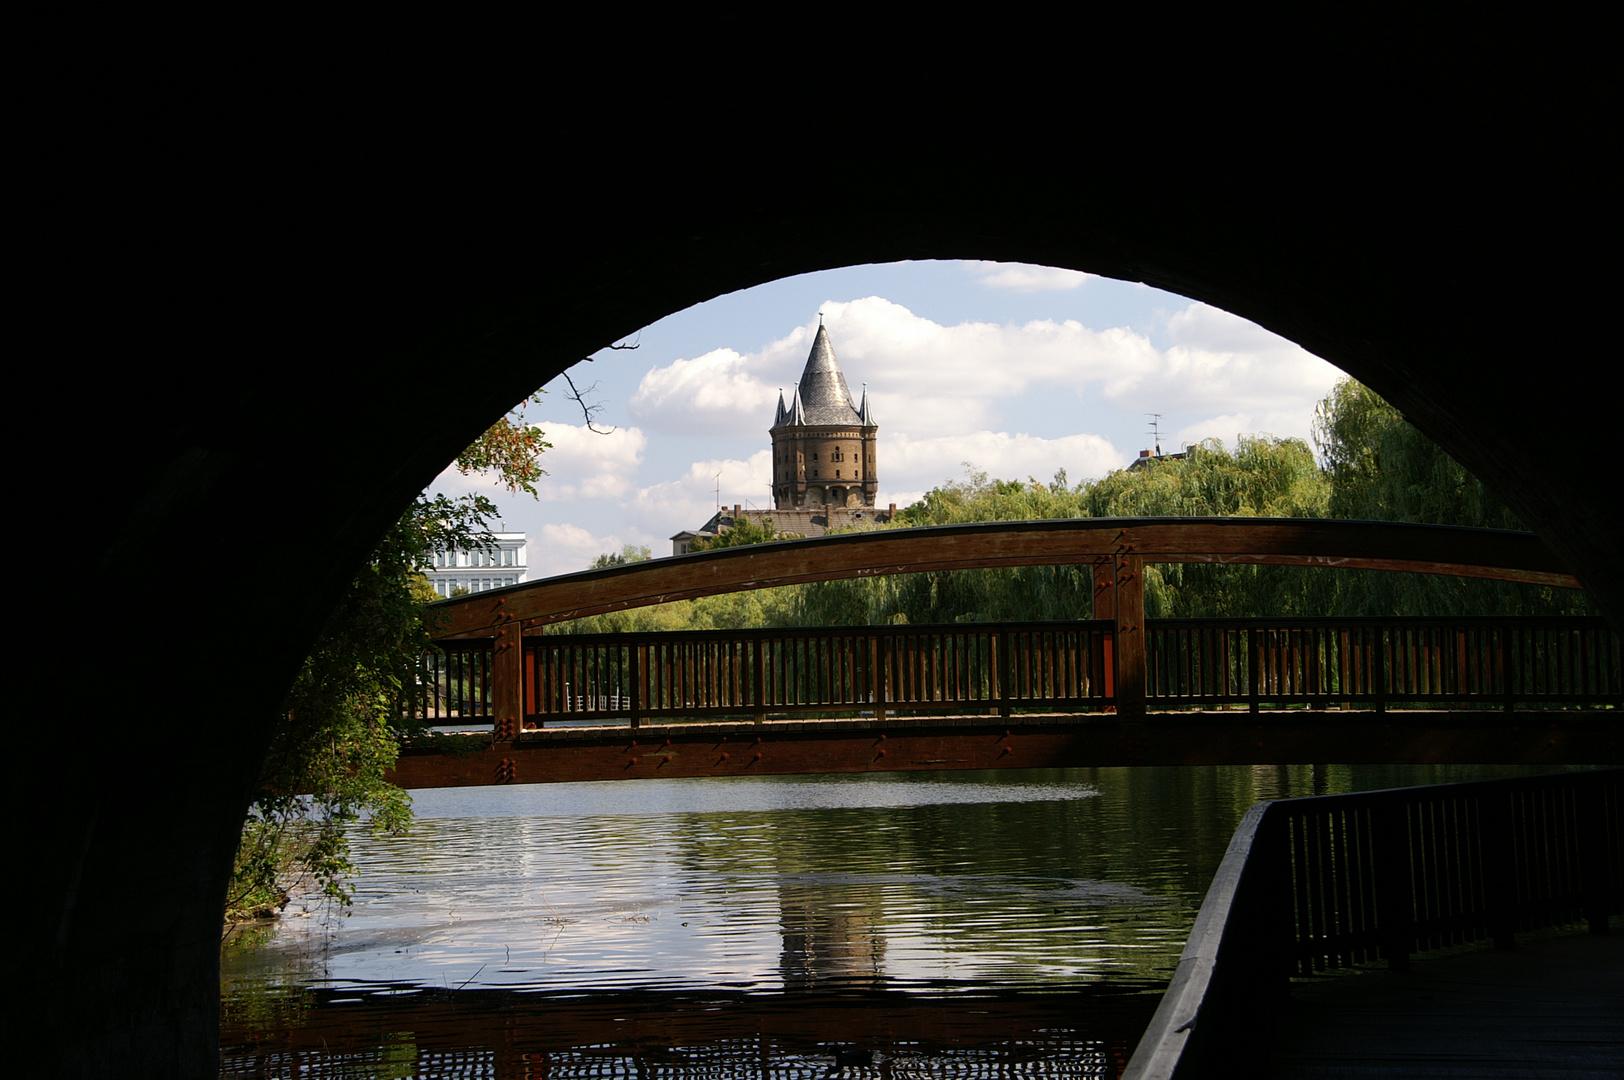 Sixti-Ruine Merseburg